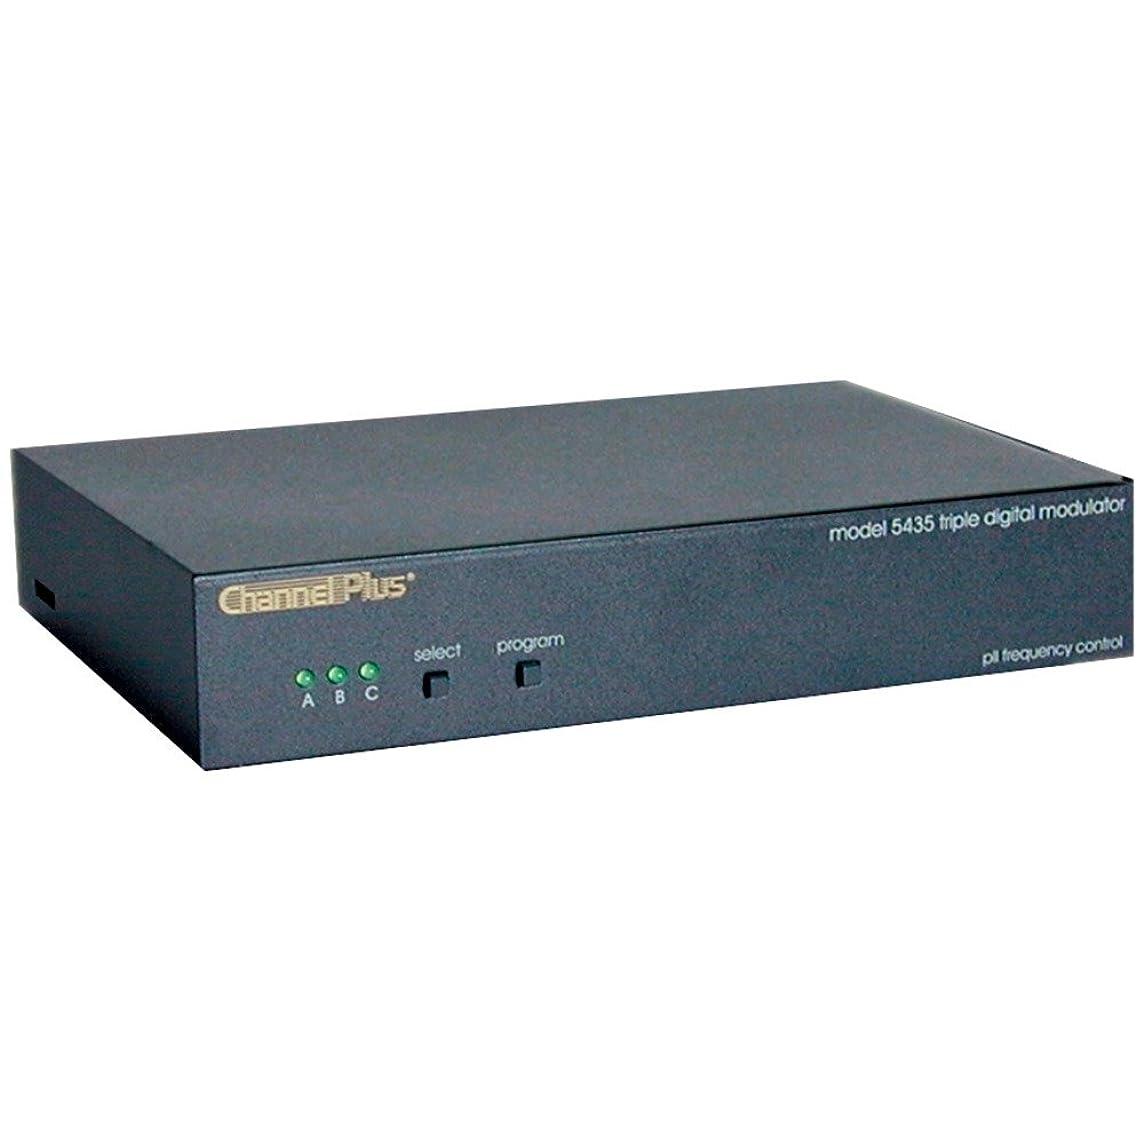 Channel Plus 5435 Triple Channel Rf Modulator